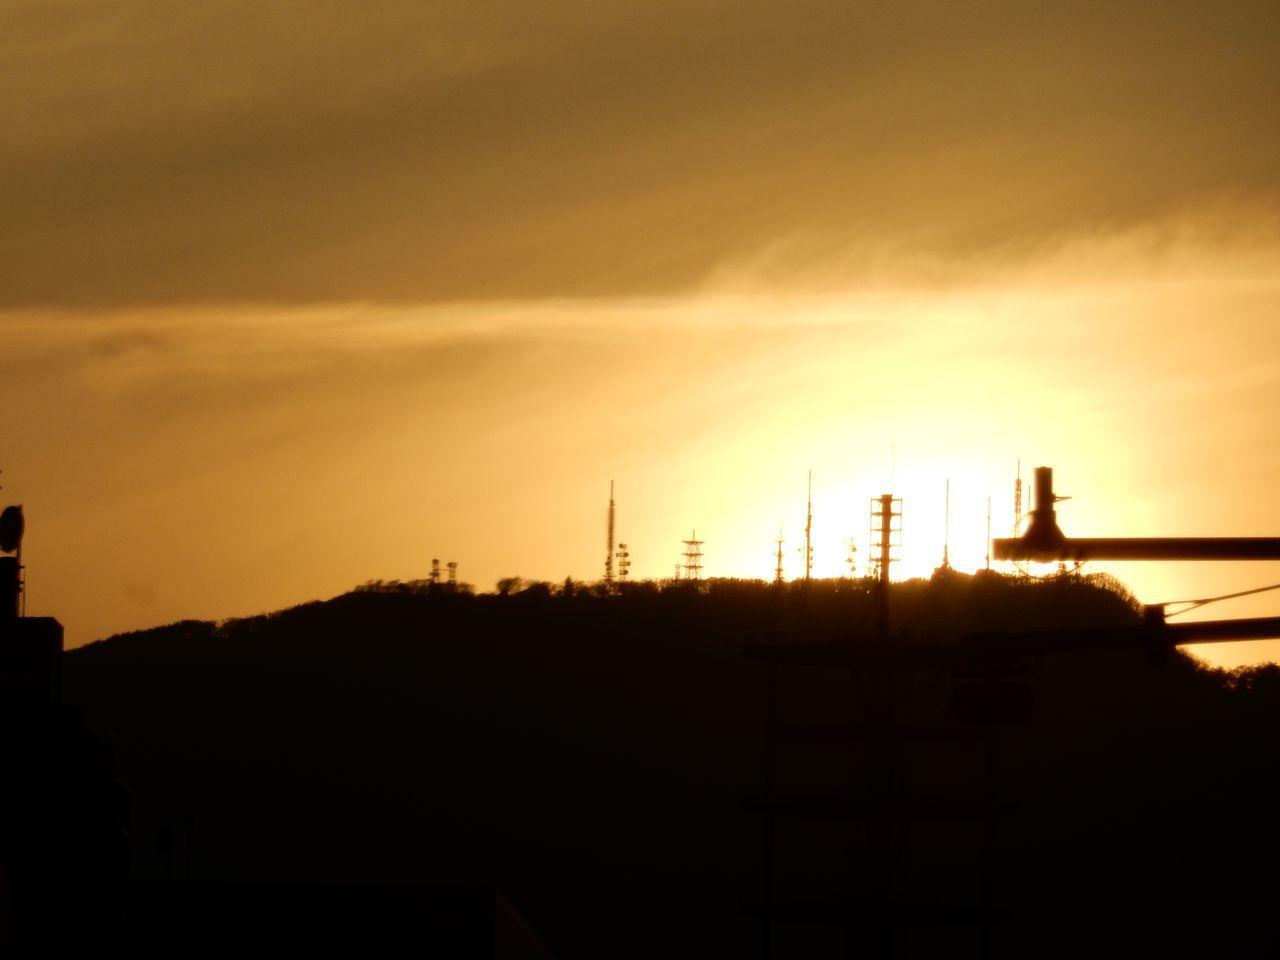 久々に見た手稲山頂への落日_c0025115_23410761.jpg